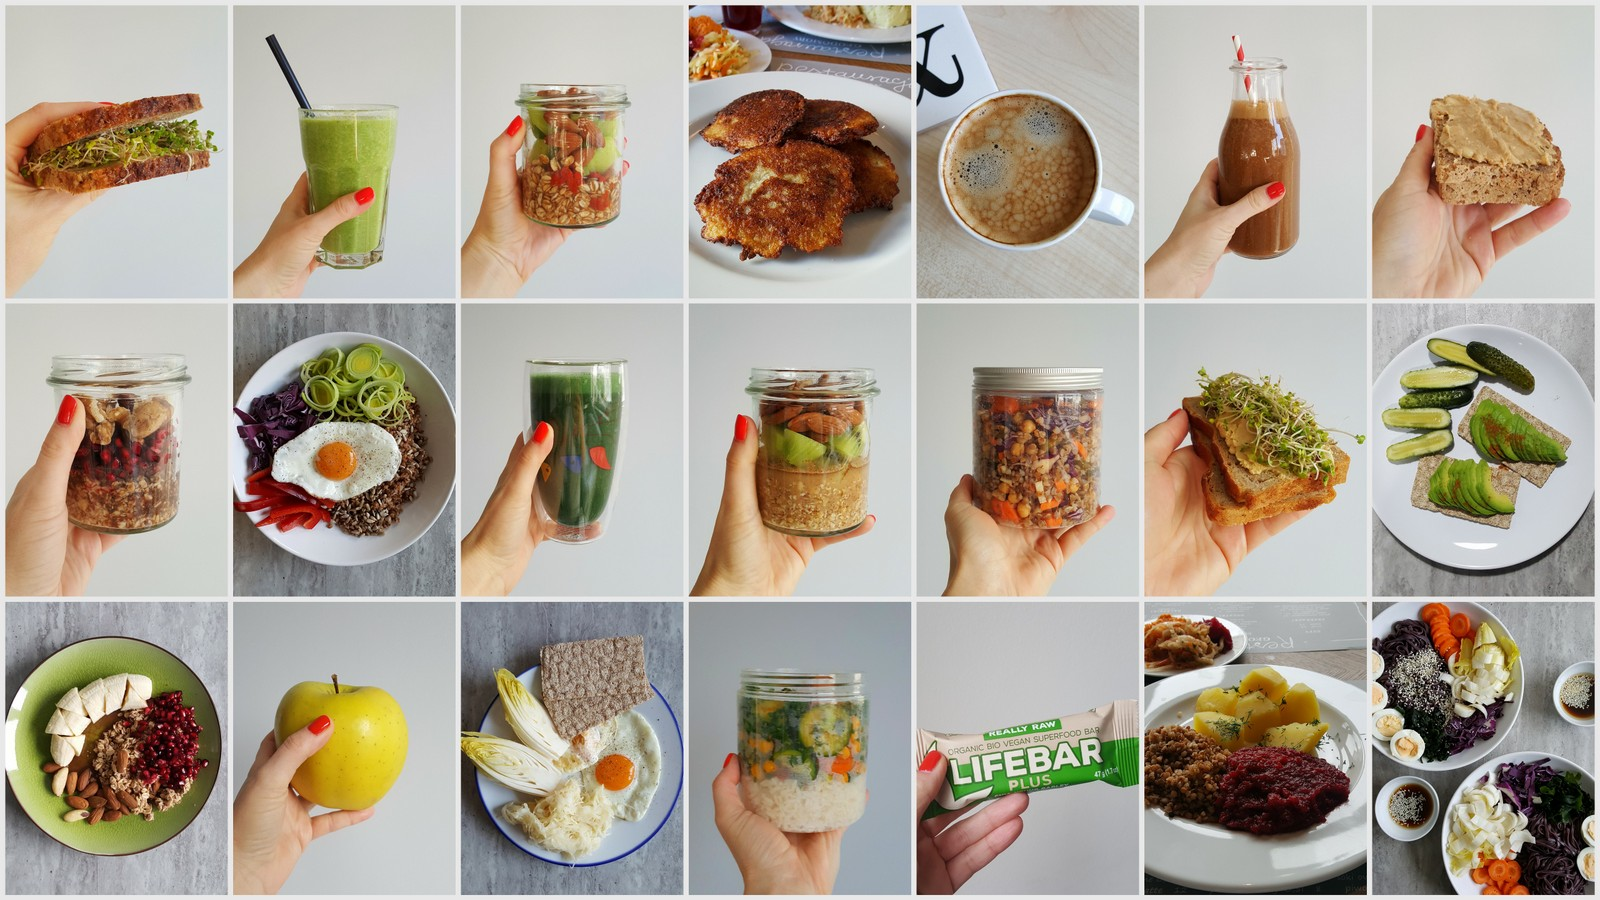 5 Dni Jadlospis Czyli Jak Ogarnac Sobie Zdrowe Jedzenie